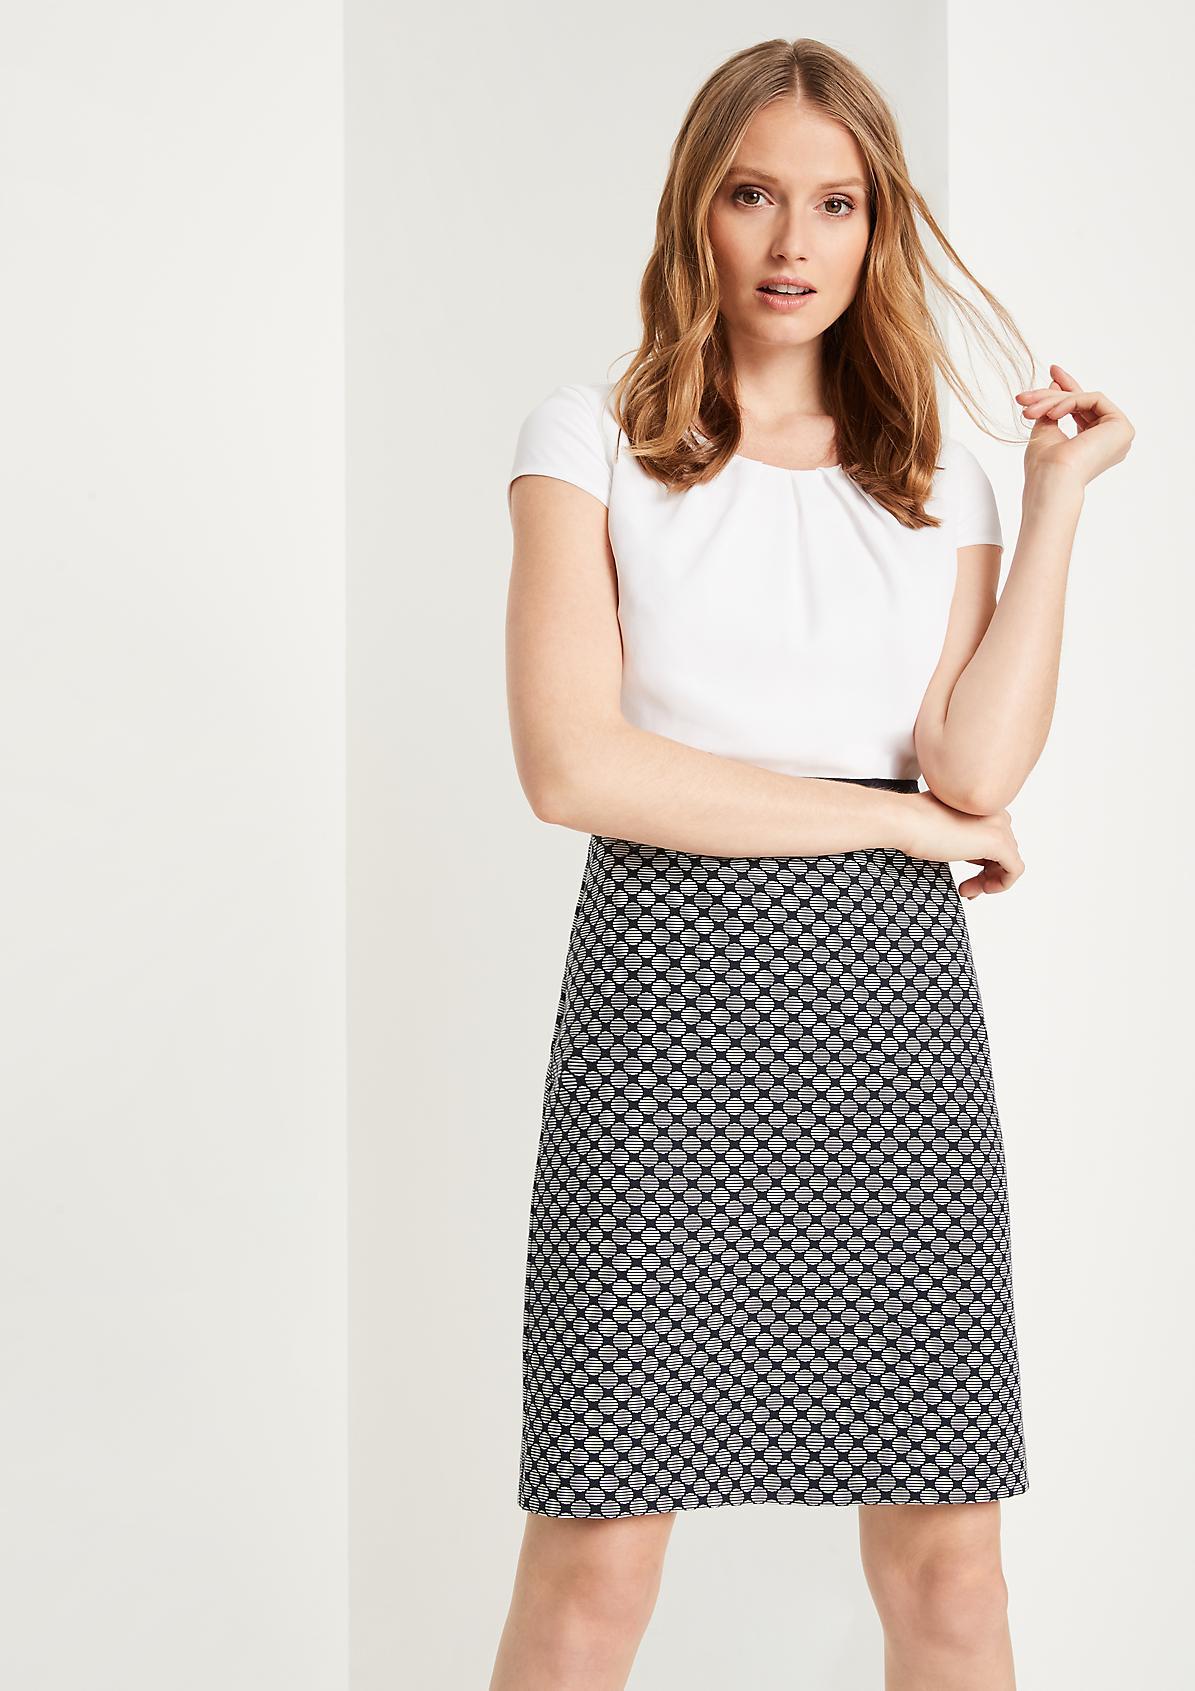 Edles Businesskleid mit aufregendem Musterspiel